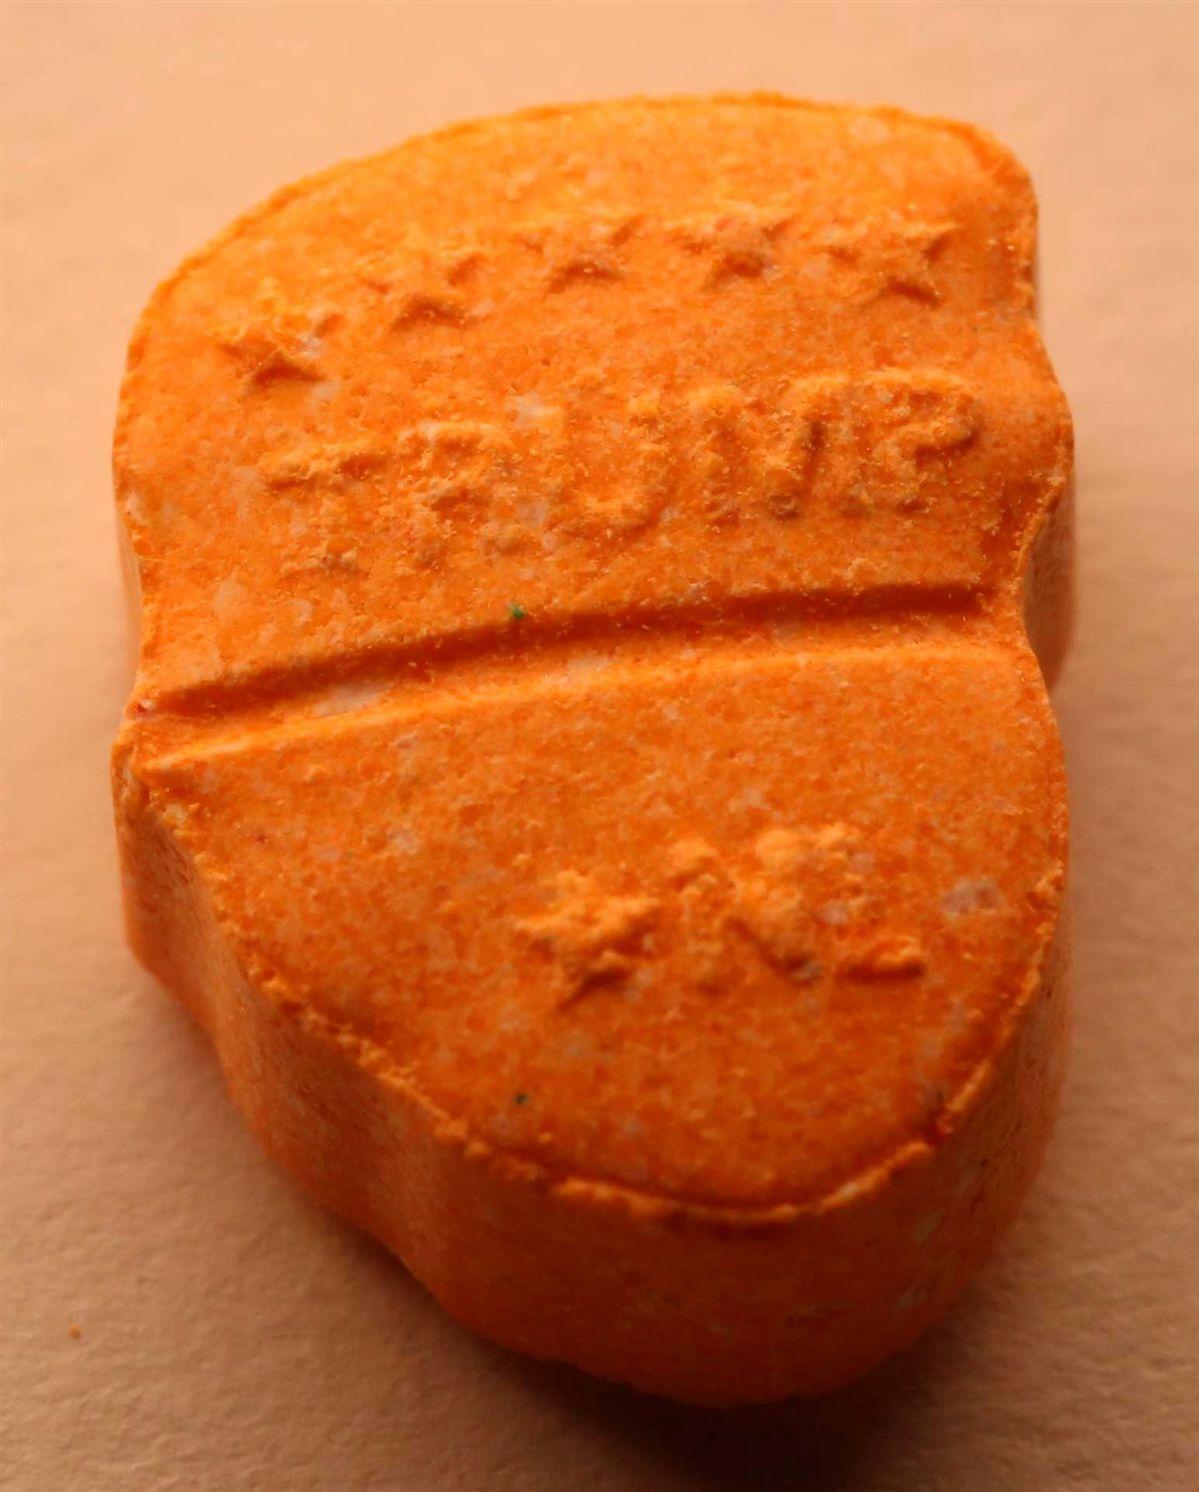 Cara de Trump em comprimidos de ecstasy apreendidos na Alemanha Ng8750426